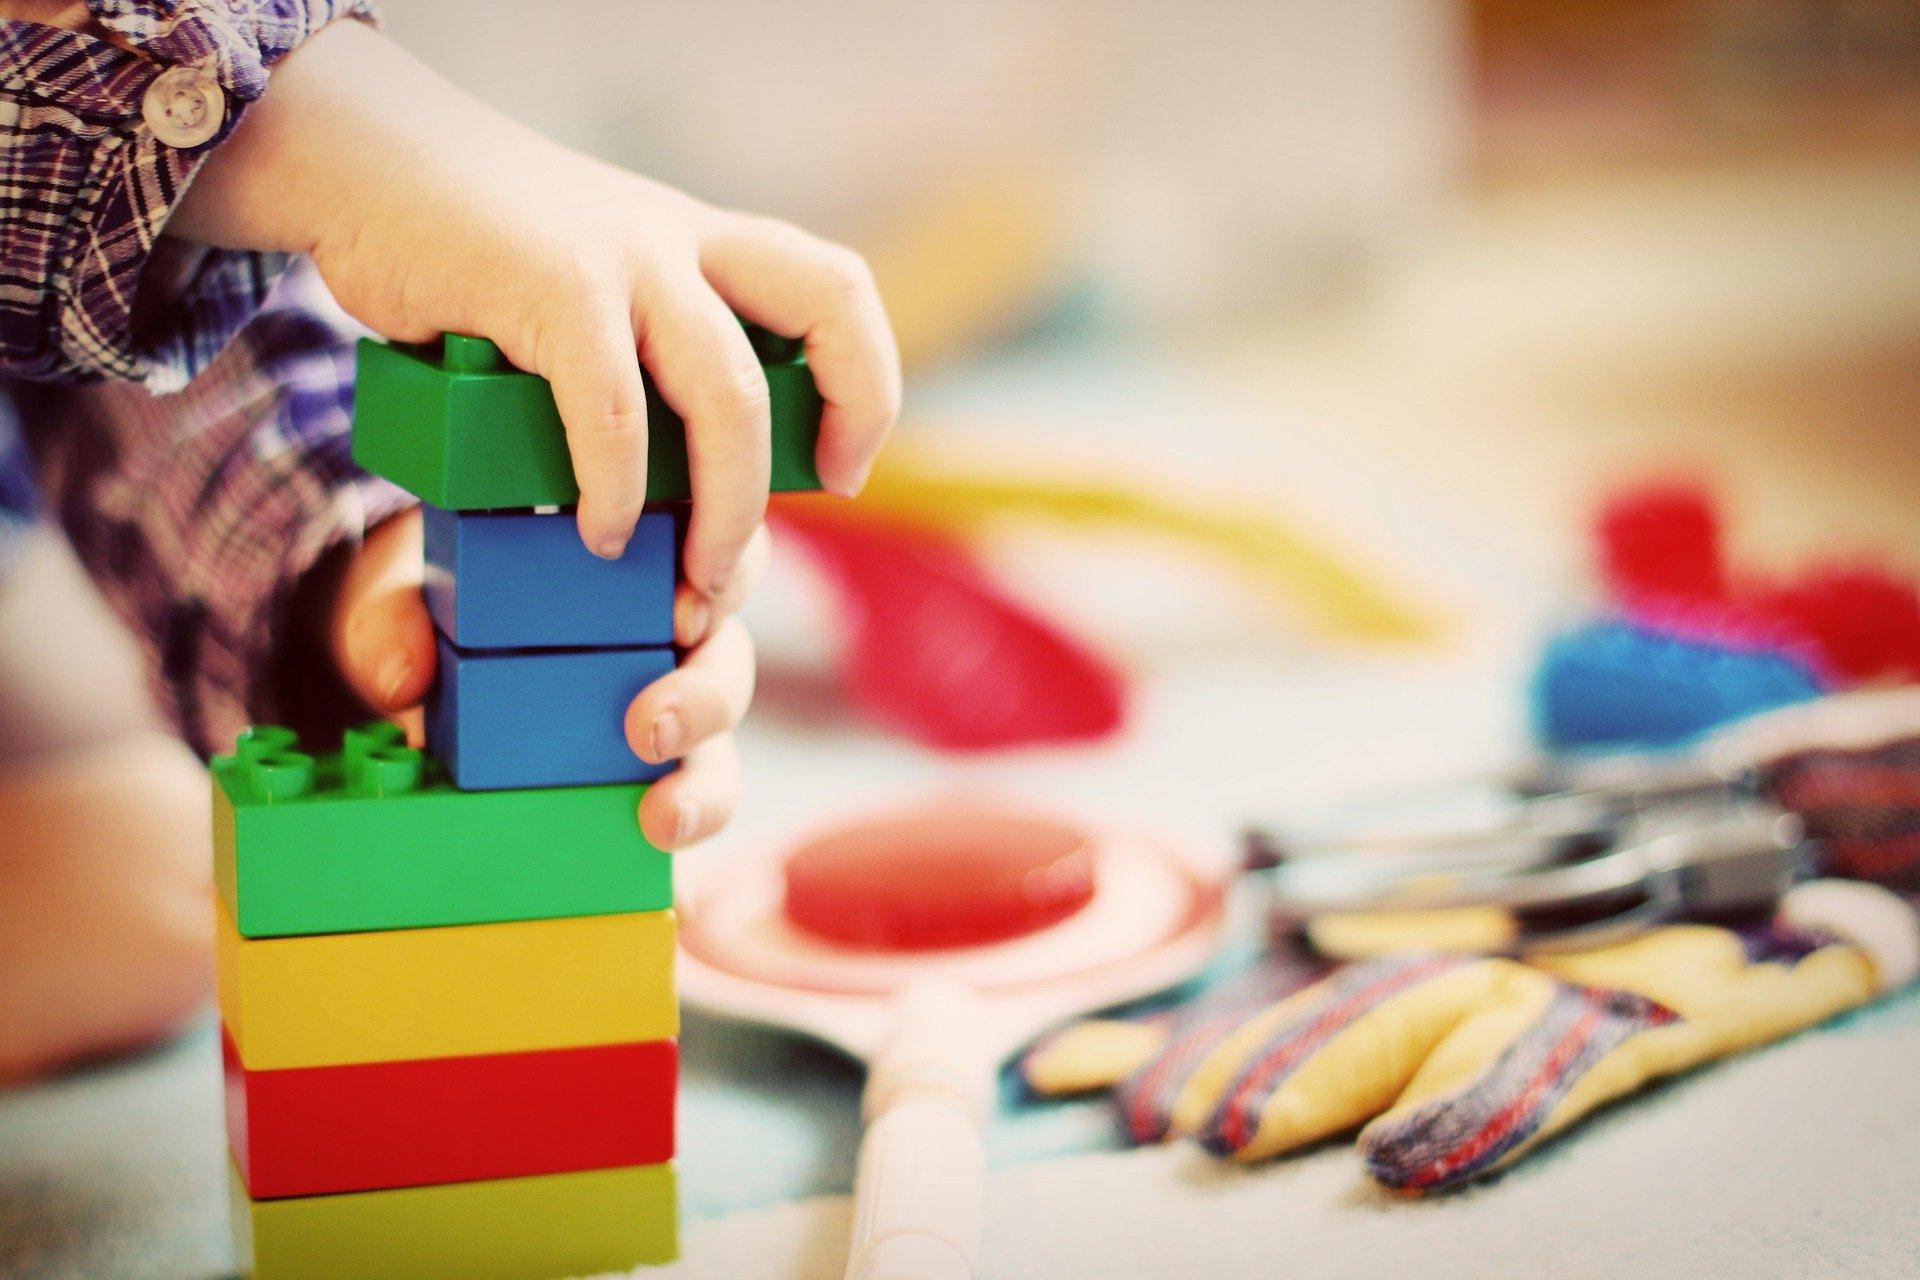 Na zdjeciu widać ręce dziecka układające wieżę z klocków, tło rozmazane z różnymi kolorowymi zabawkami.